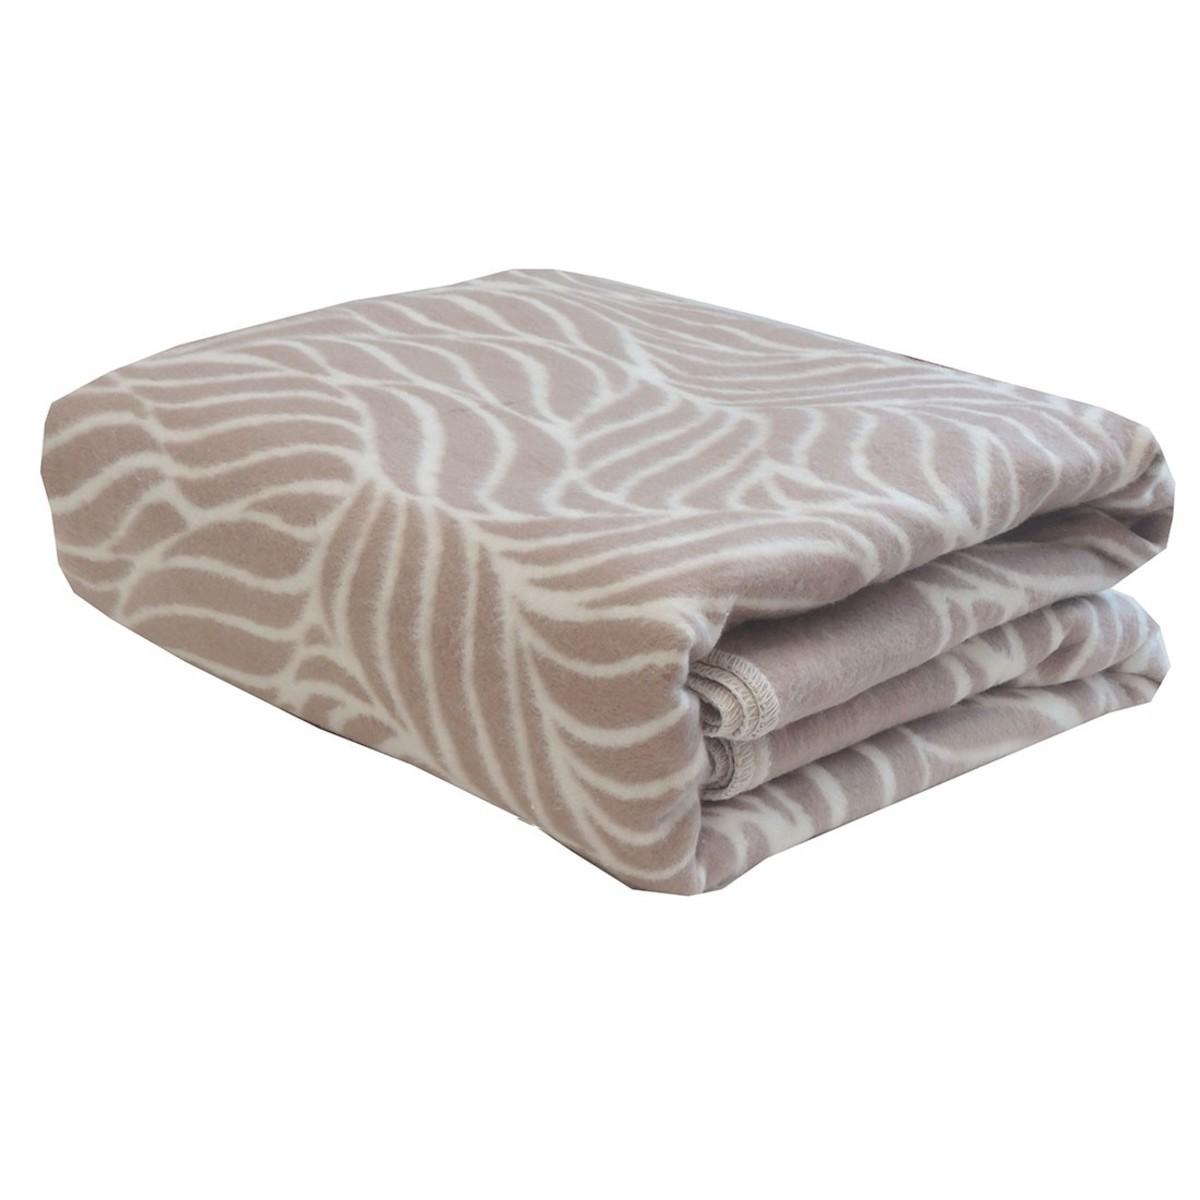 Одеяло Ермолино Кофейный орнамент 150х205 см байка